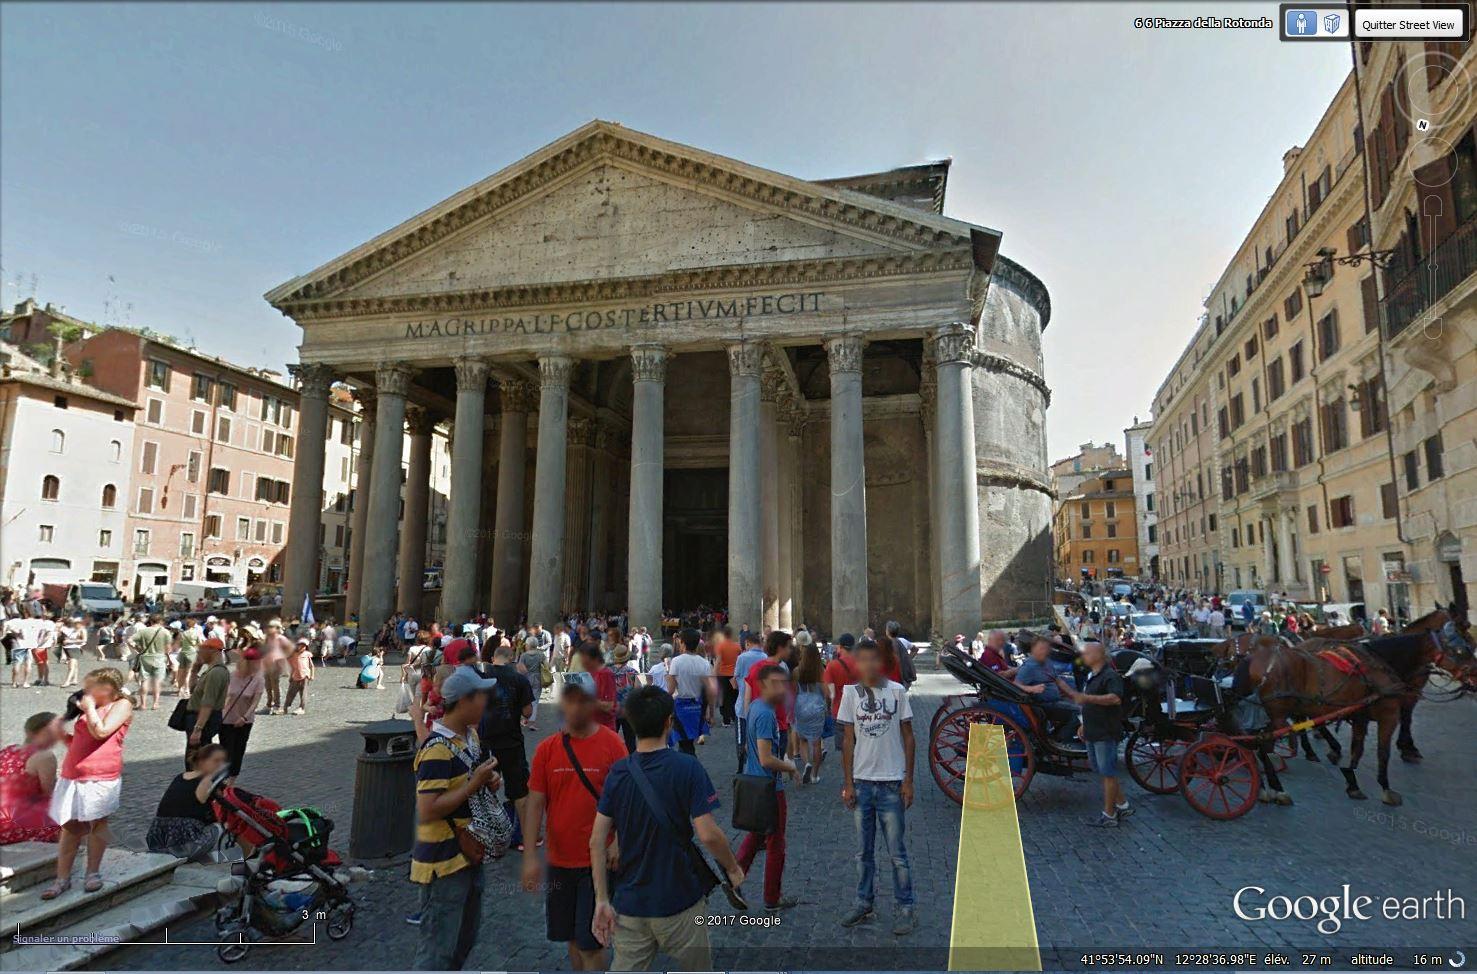 pantheon - Le PANTHEON à Rome (Italie) Tsge_198